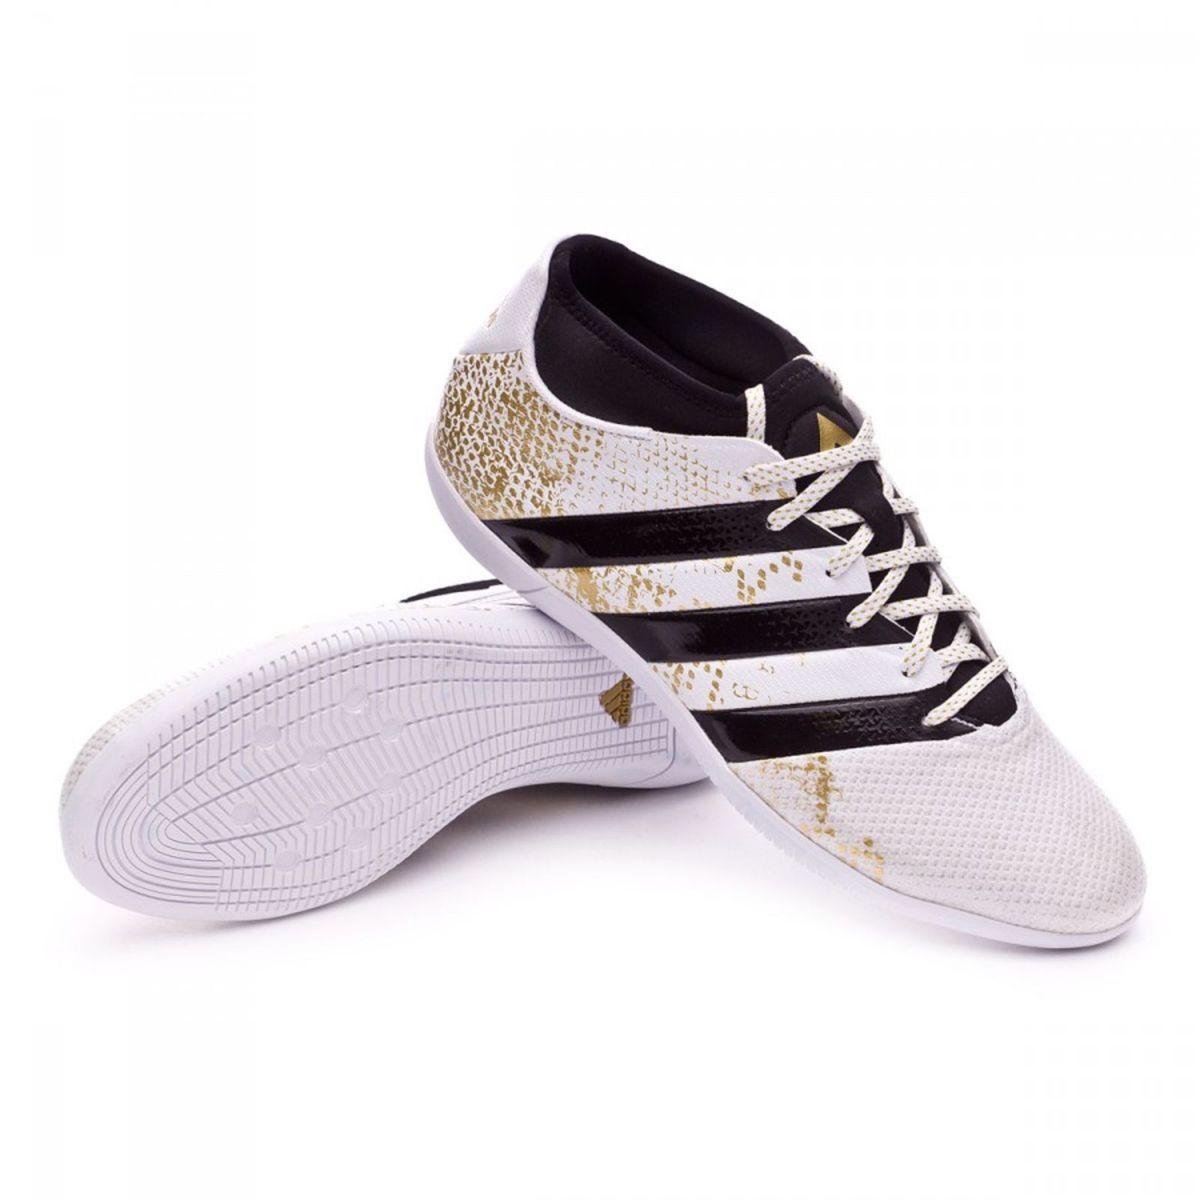 166734b8bc Chuteira Adidas Ace 16.3 Primemesh In Futsal Pro